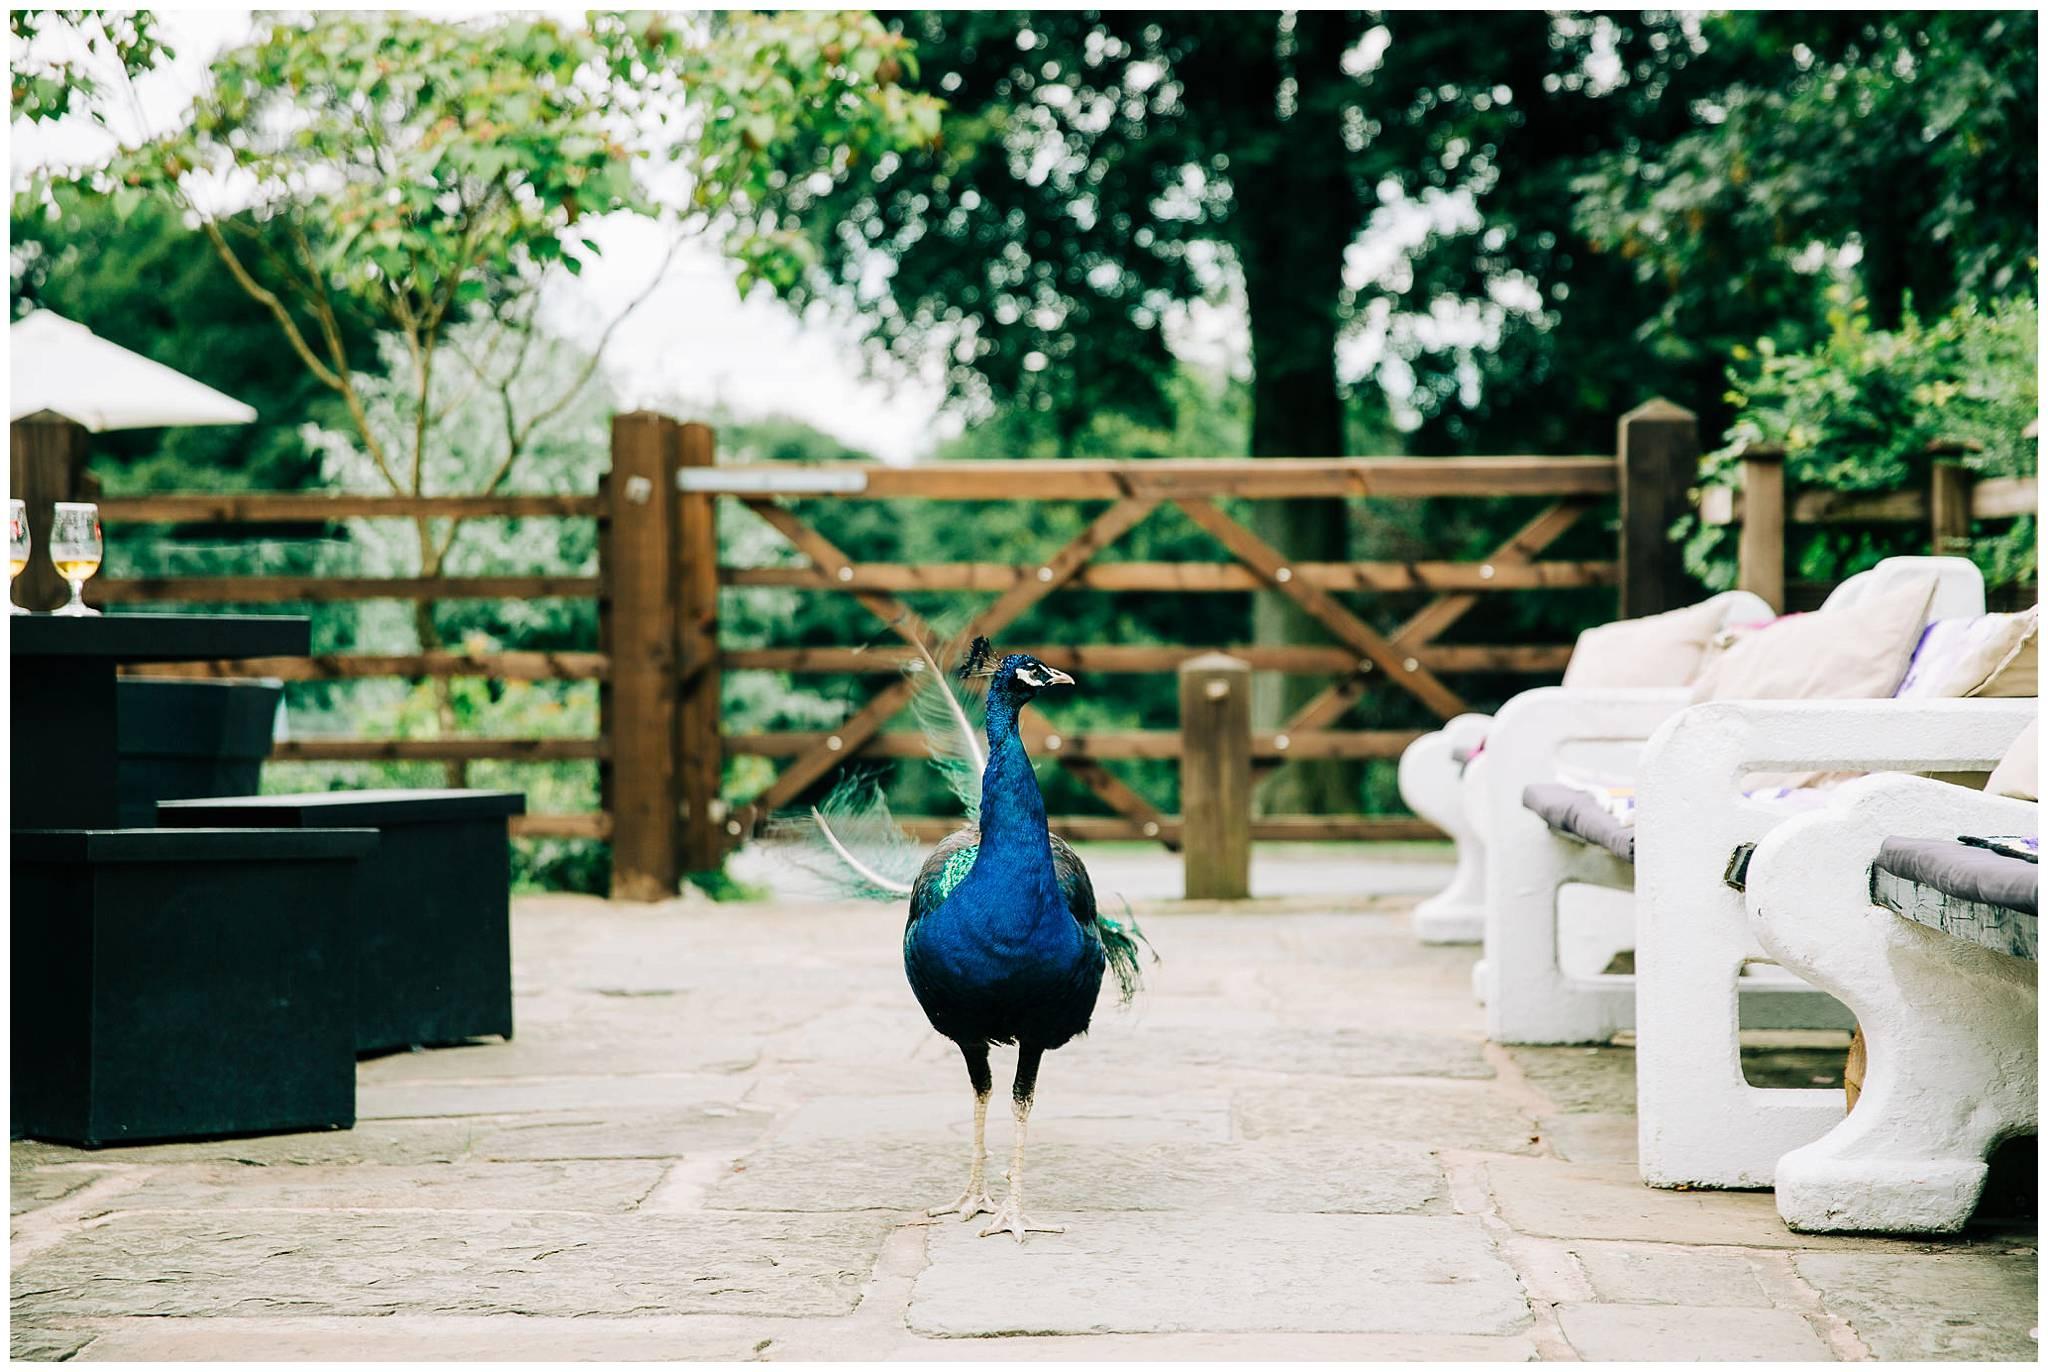 peacock roaming the outside of rivington barn patio area